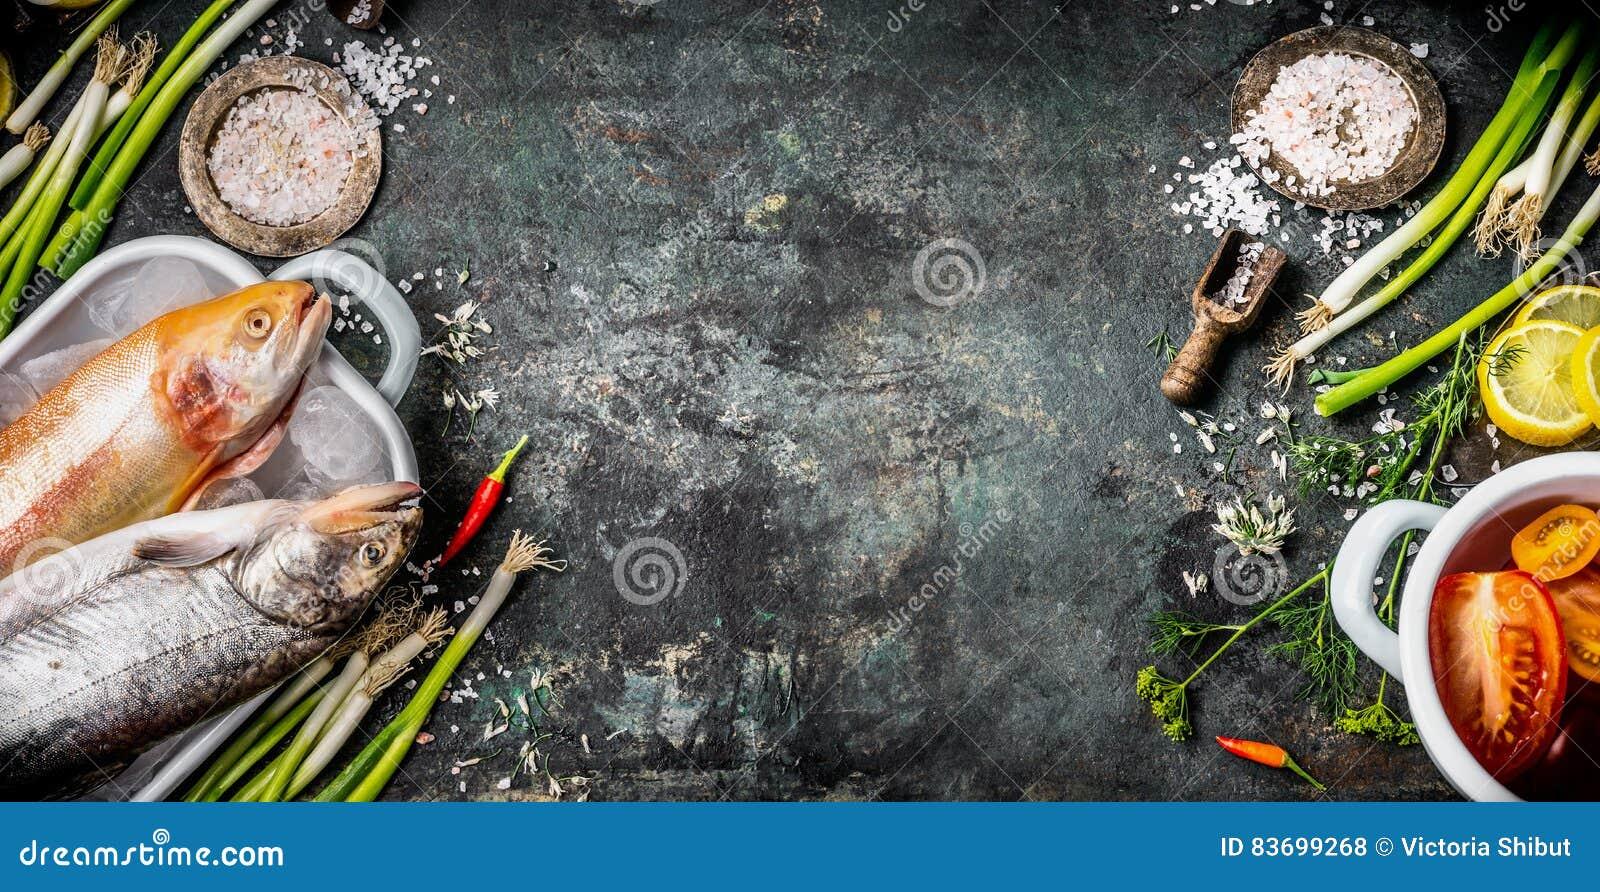 健康的食物土气背景或节食烹调与生鱼,调味料,菜的食谱并且加香料成份,顶视图